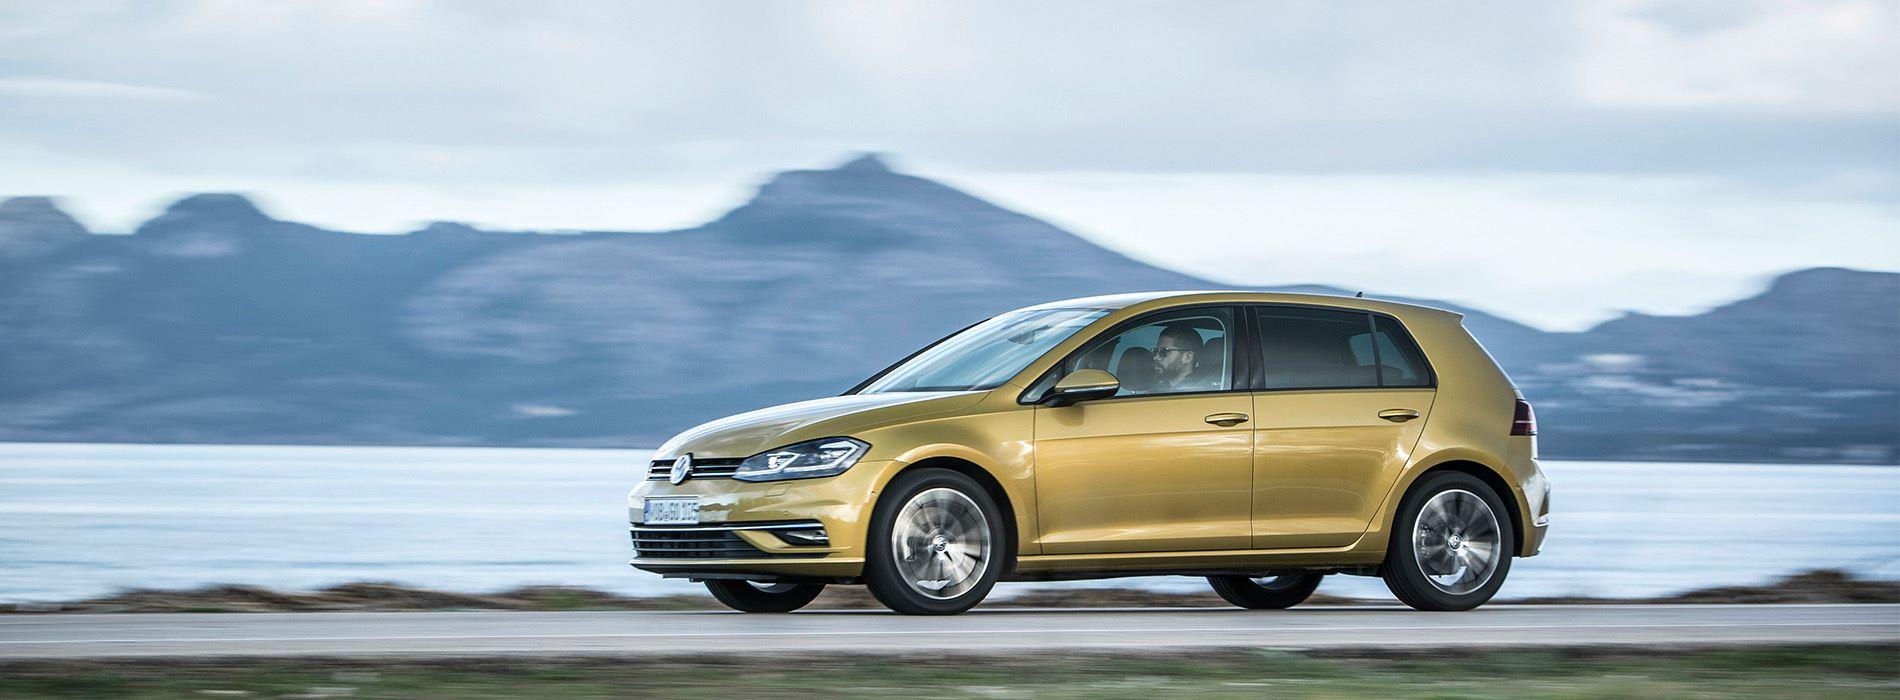 vw golf 40 jaar actie Volkswagen Golf   Ontdek hier   Ames vw golf 40 jaar actie